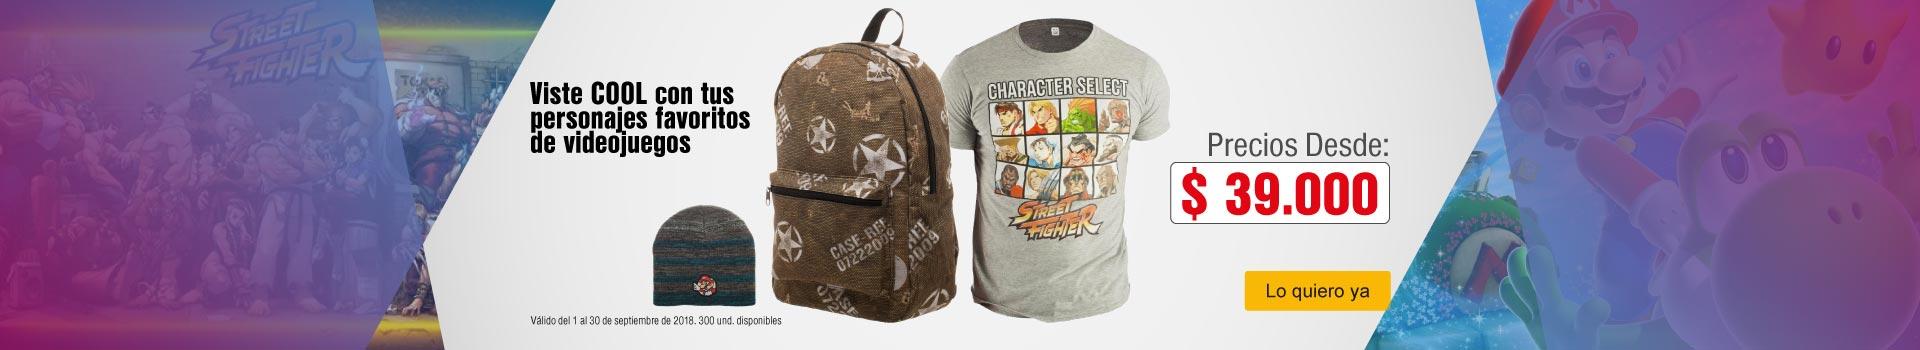 AK-KT-BCAT-2-videojuegos-PP---Nintendo-moda-geek-Sep6